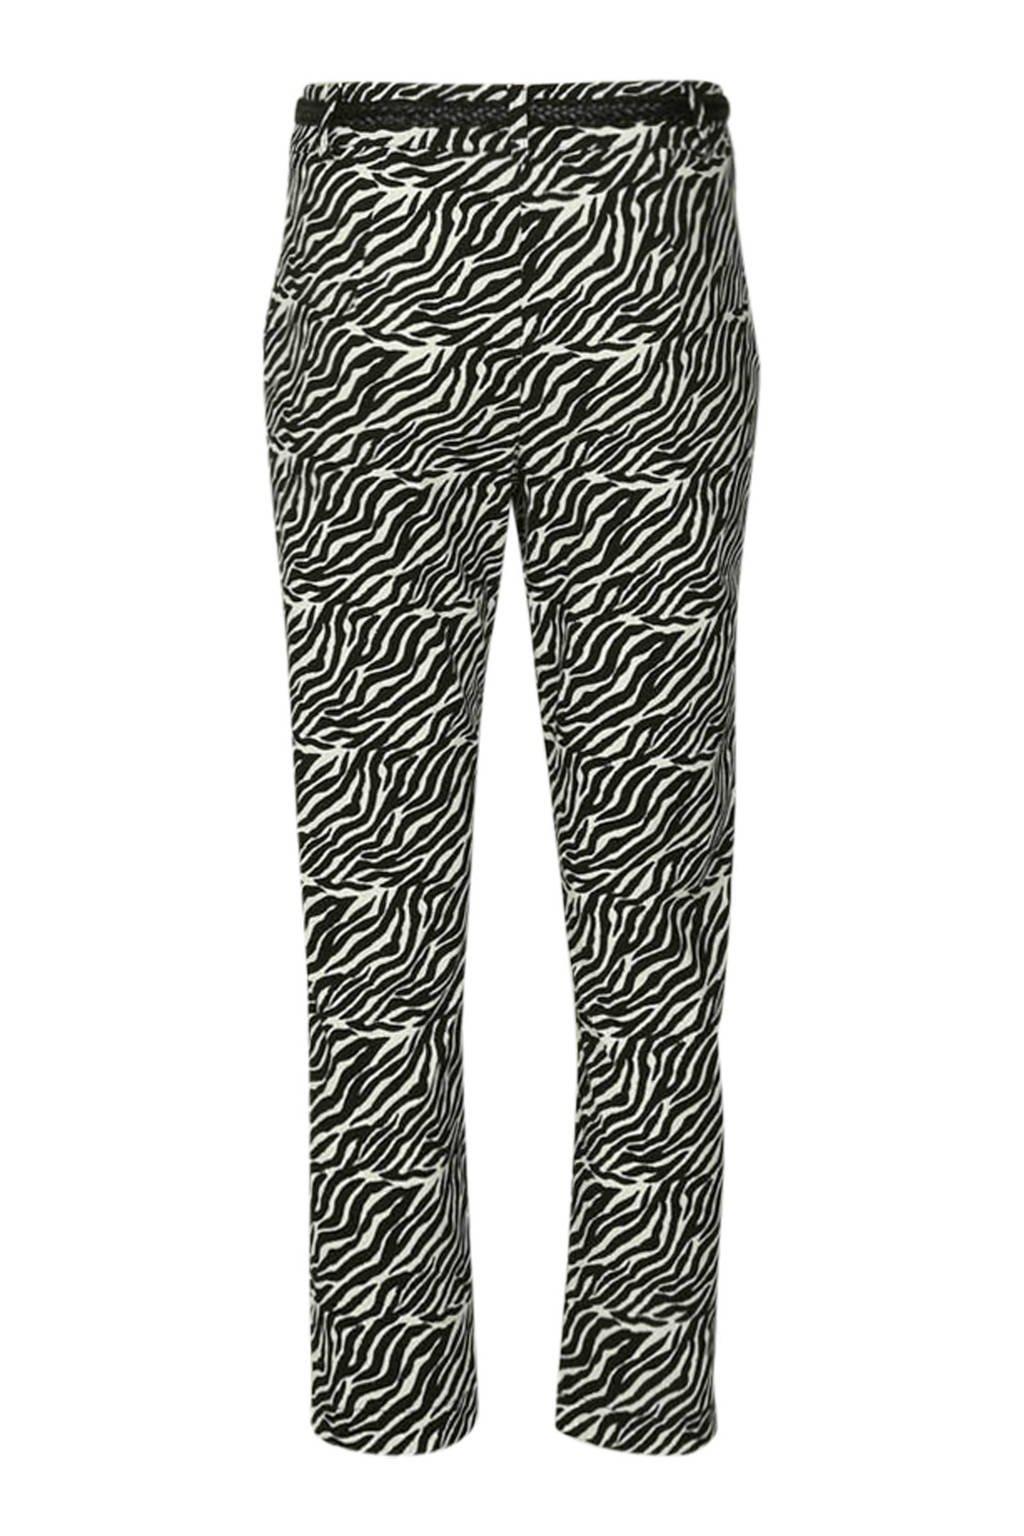 Cassis regular fit broek met zebraprint zwart, Zwart